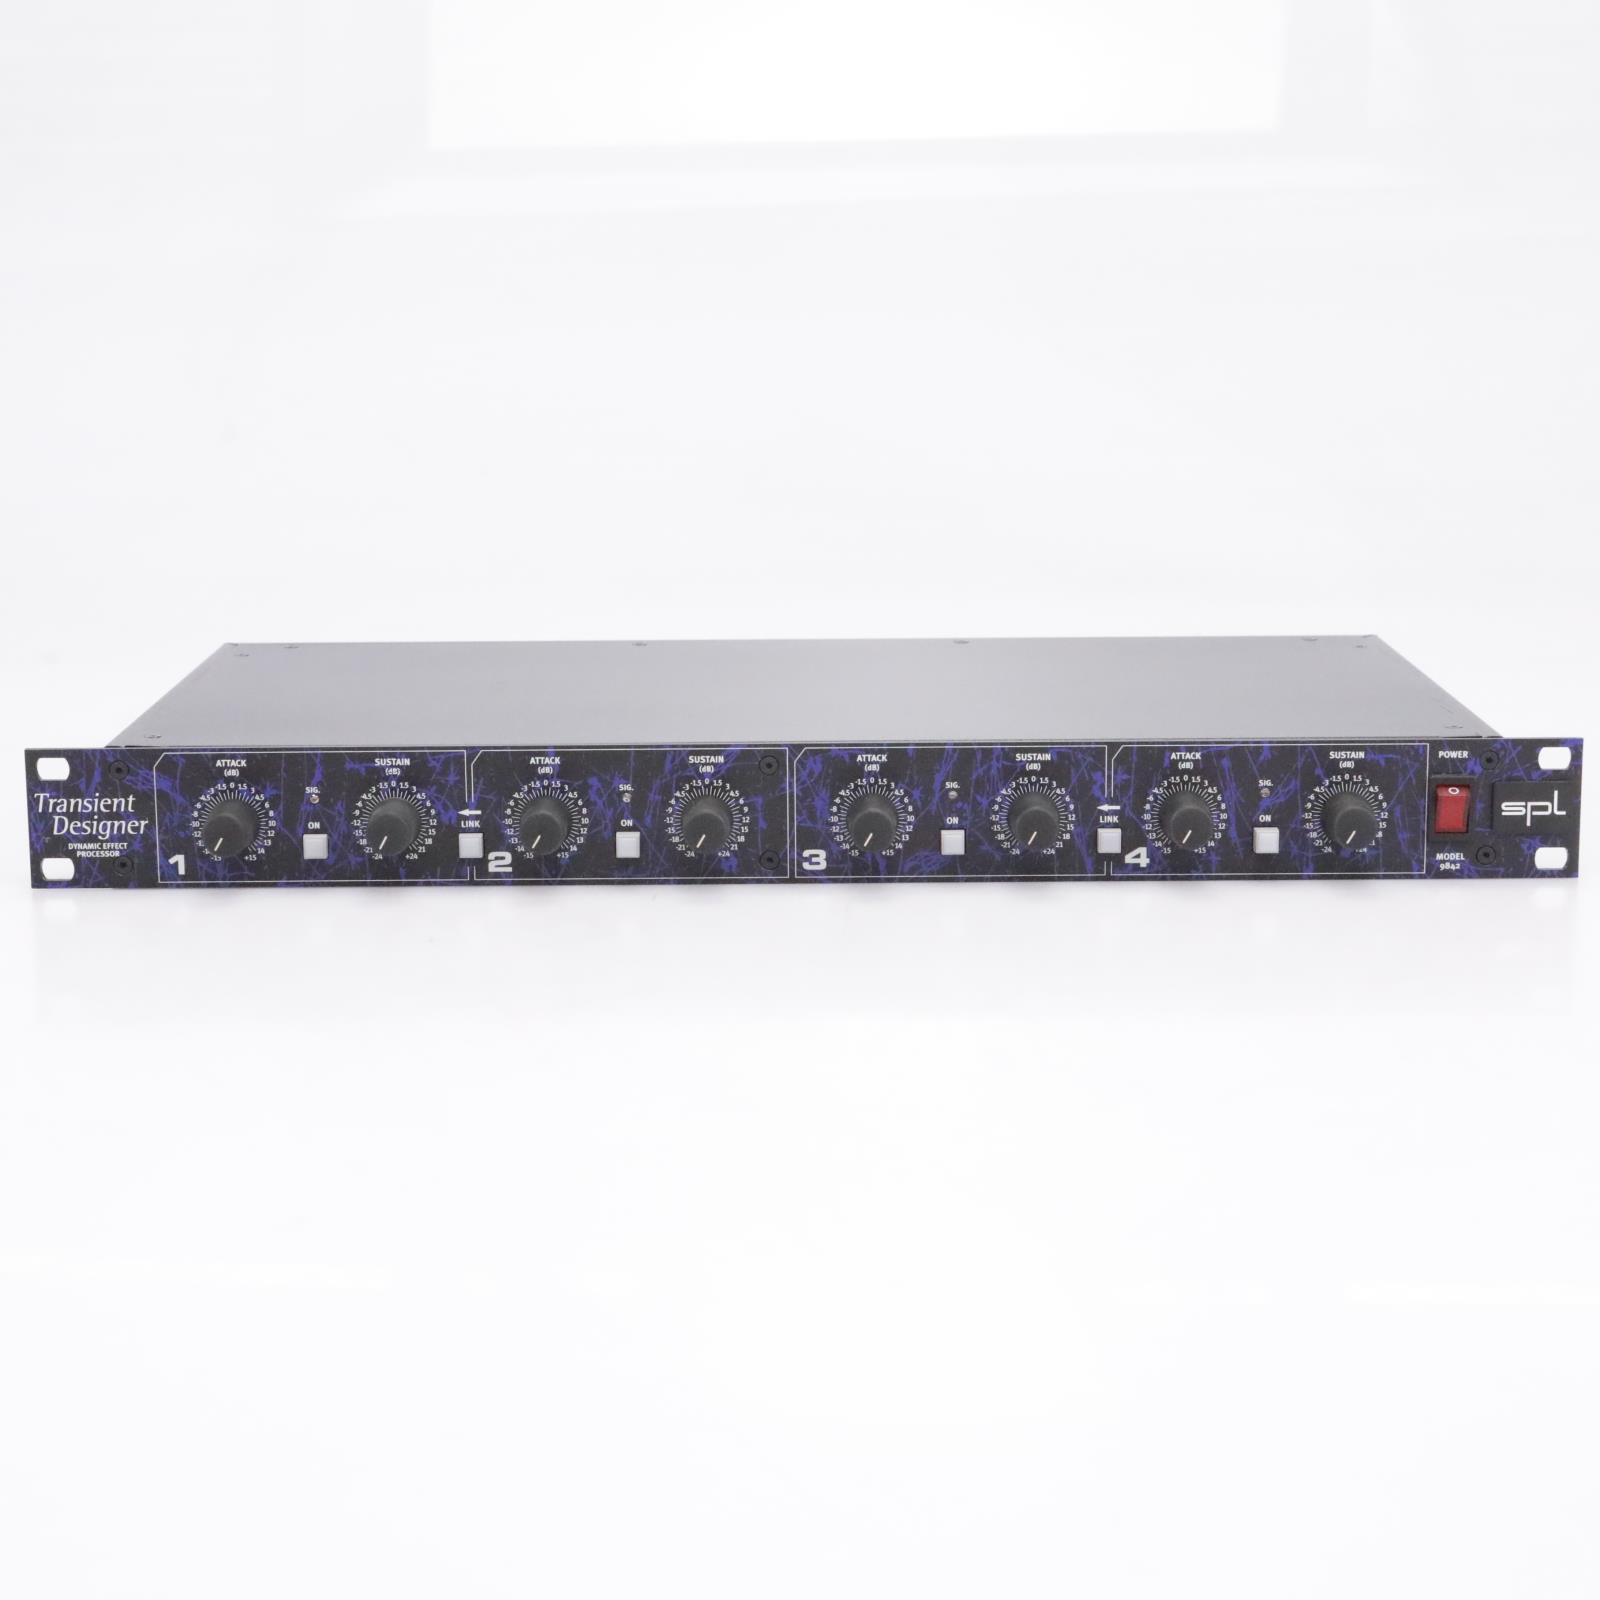 SPL Transient Designer 4 (Model 9842) 4-Channel Dynamic Effect Processor #43572